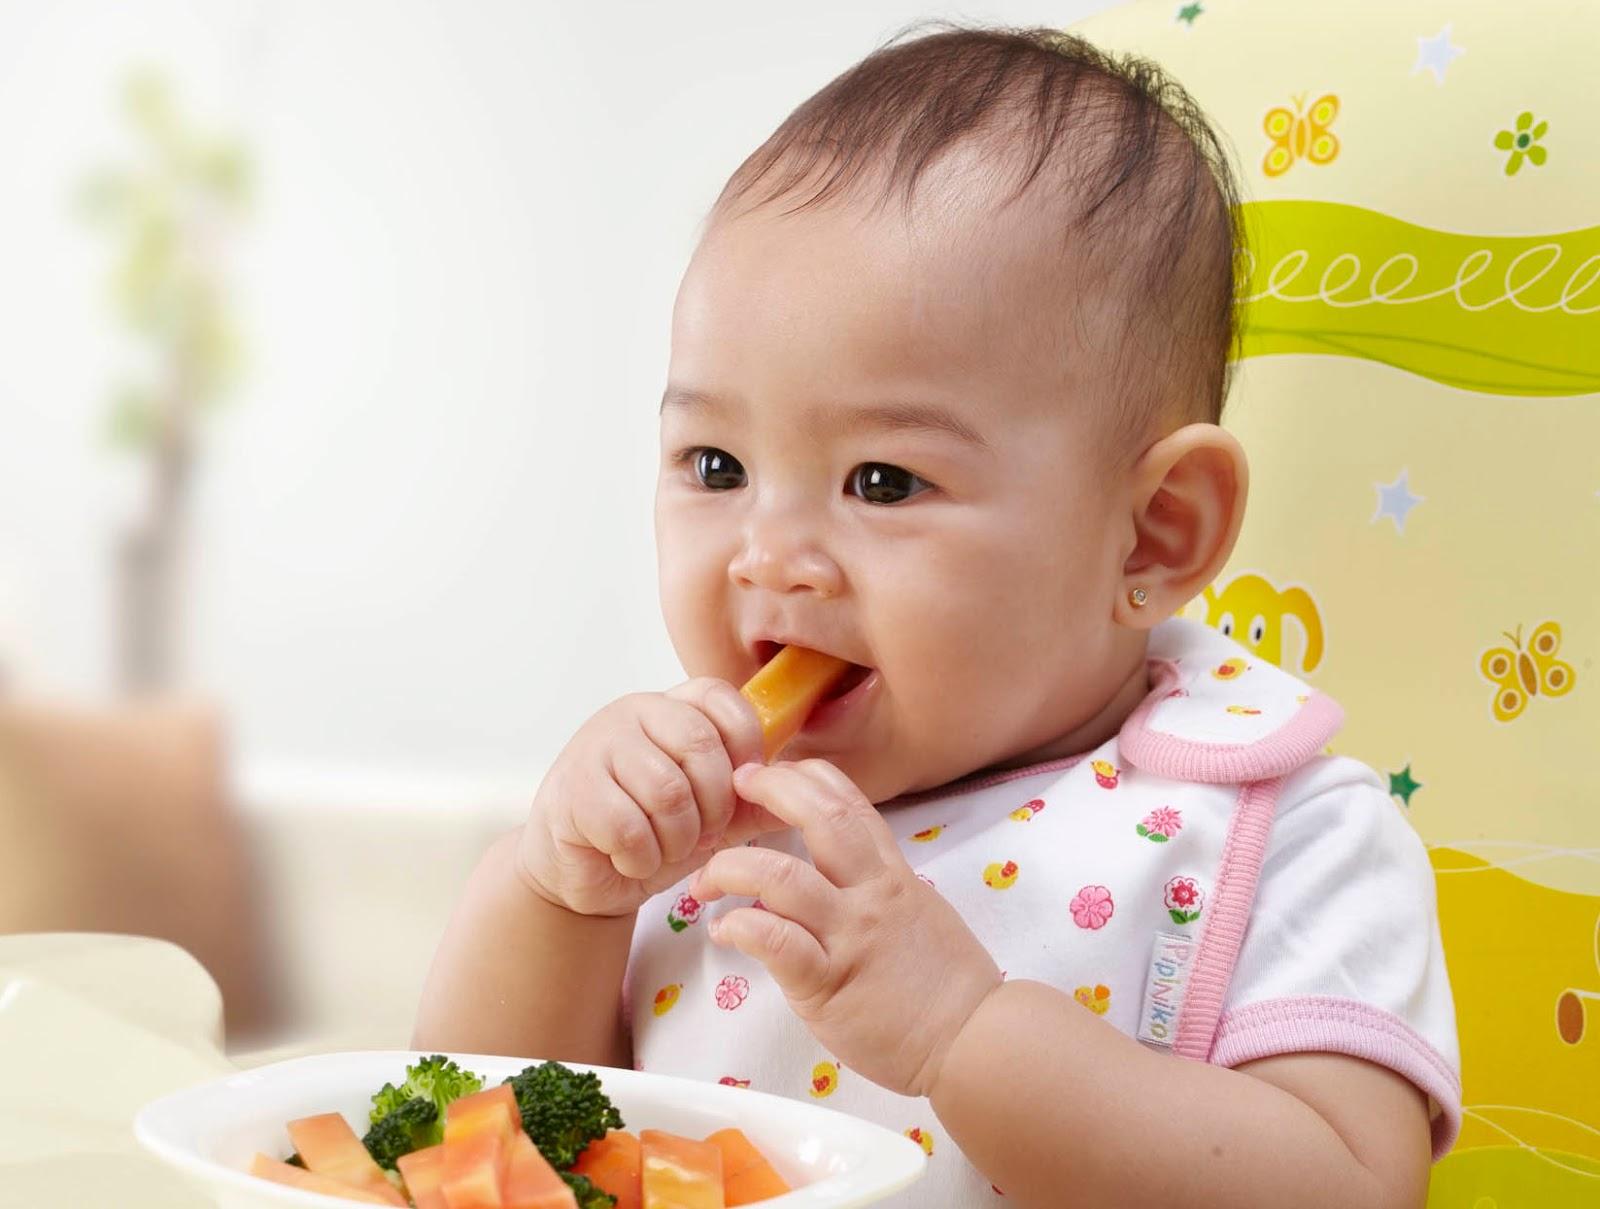 Hidup Sehat - Bayi makan sendiri